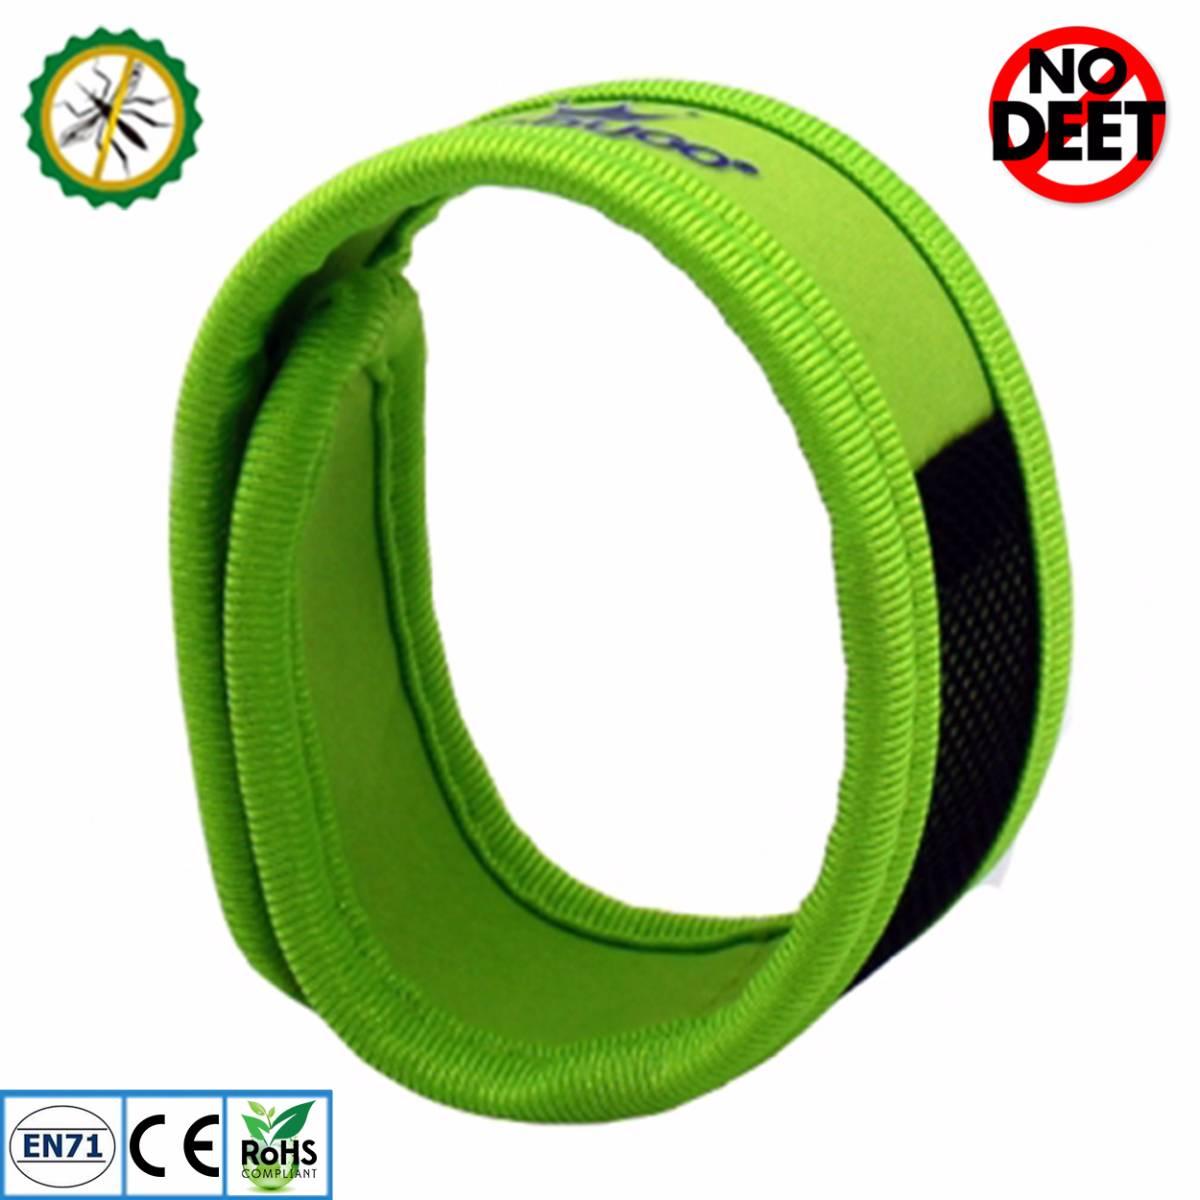 Babygo Neoprene Mosquito Repellent Wristband Green (gelang Anti Nyamuk)